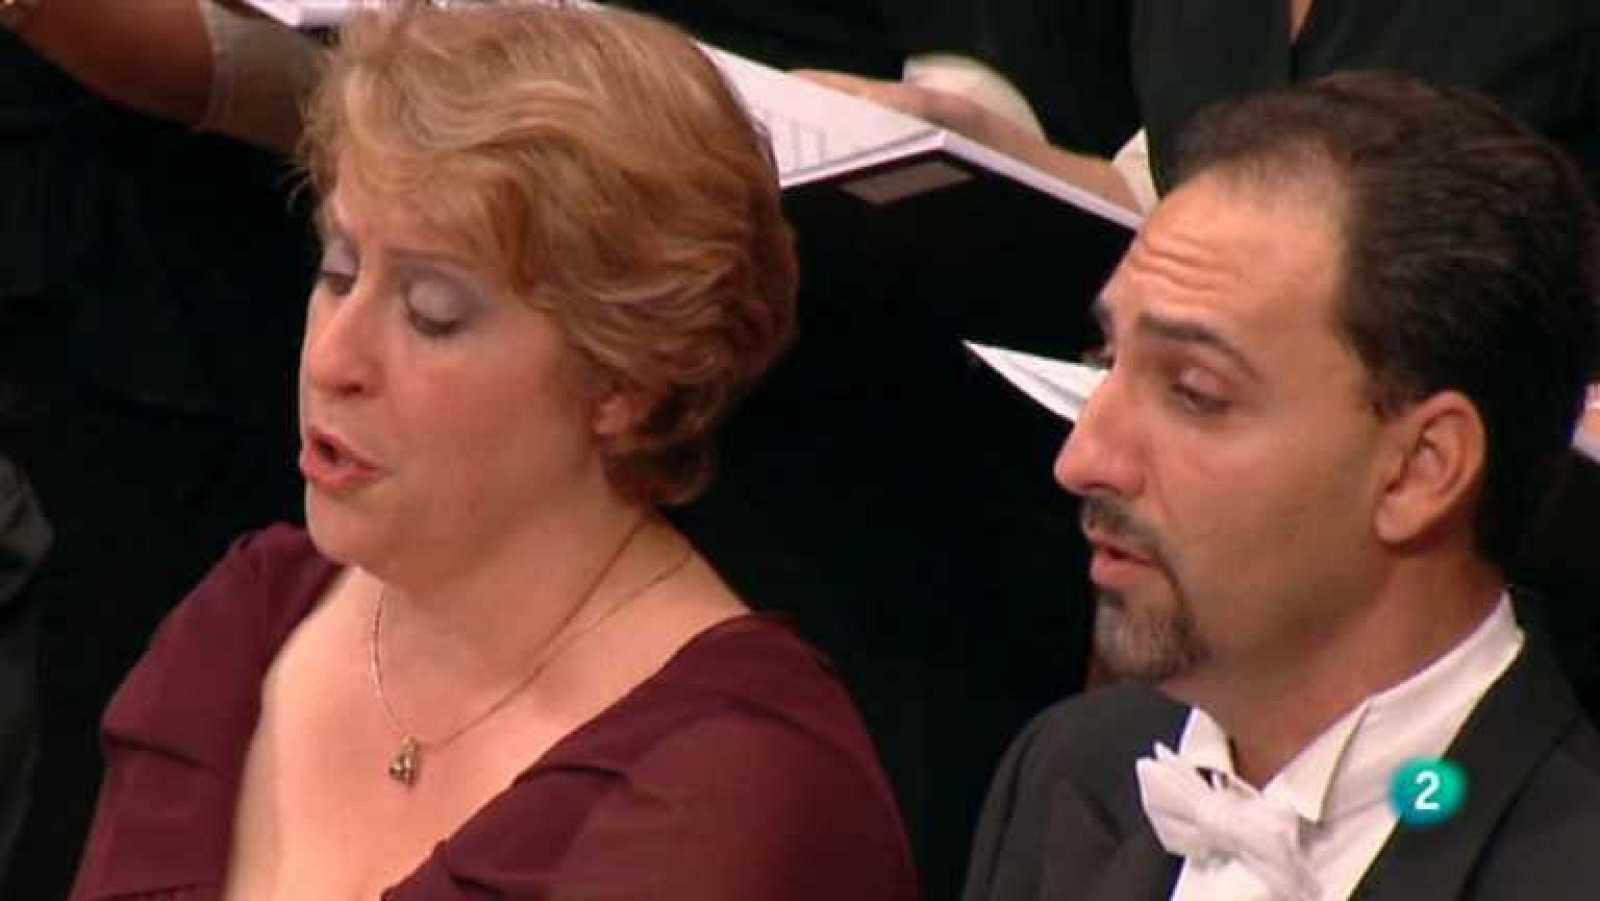 Los conciertos de La 2 - Concierto RTVE A-5 - ver ahora